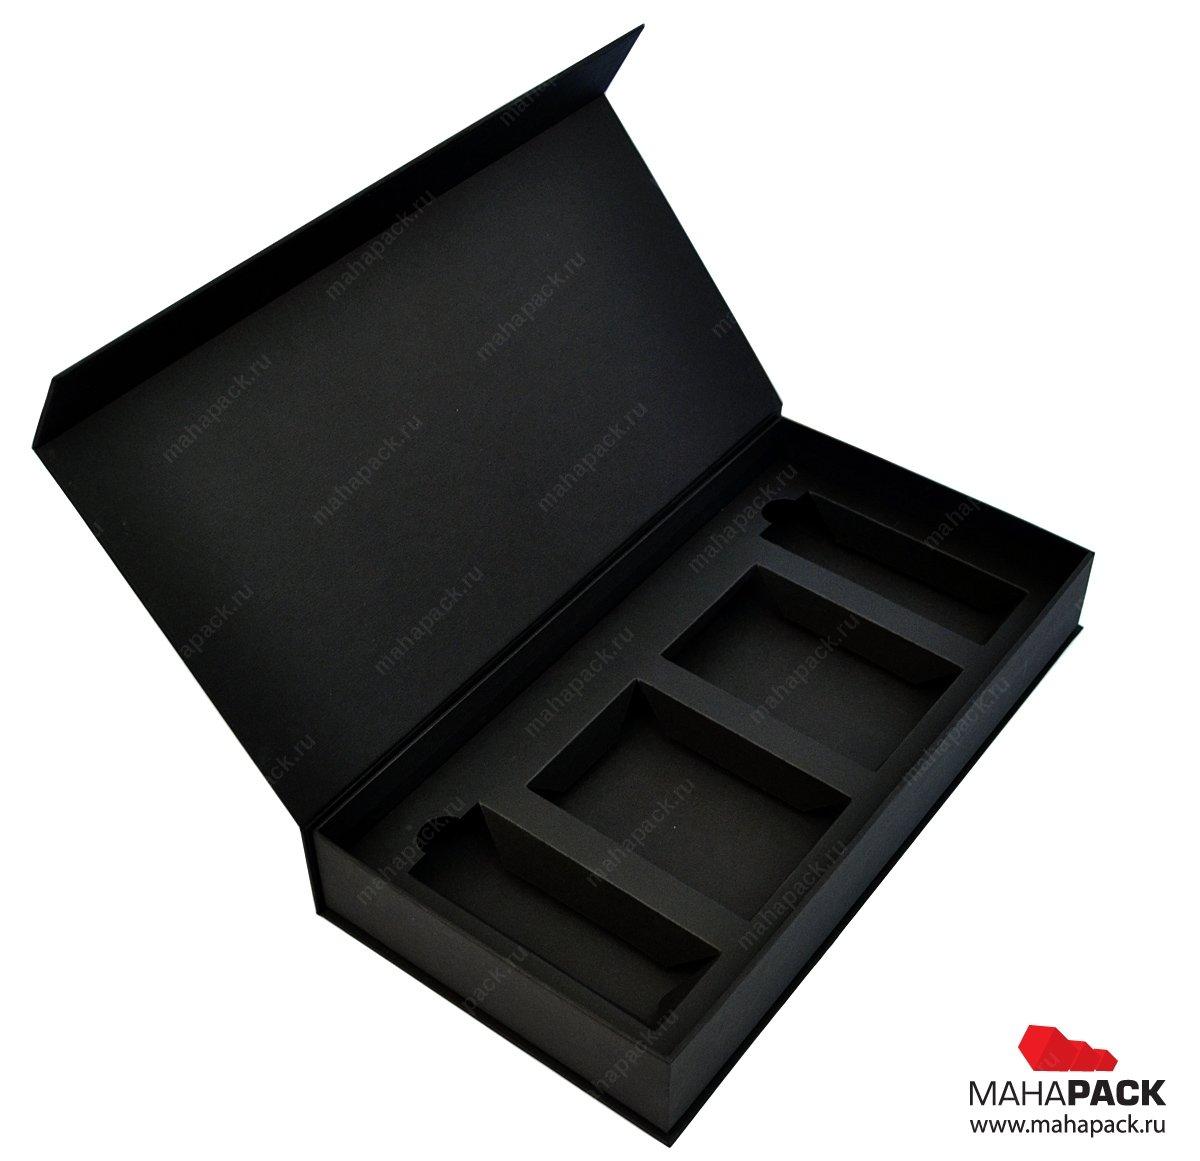 Подарочная коробка для сувениров на выставку